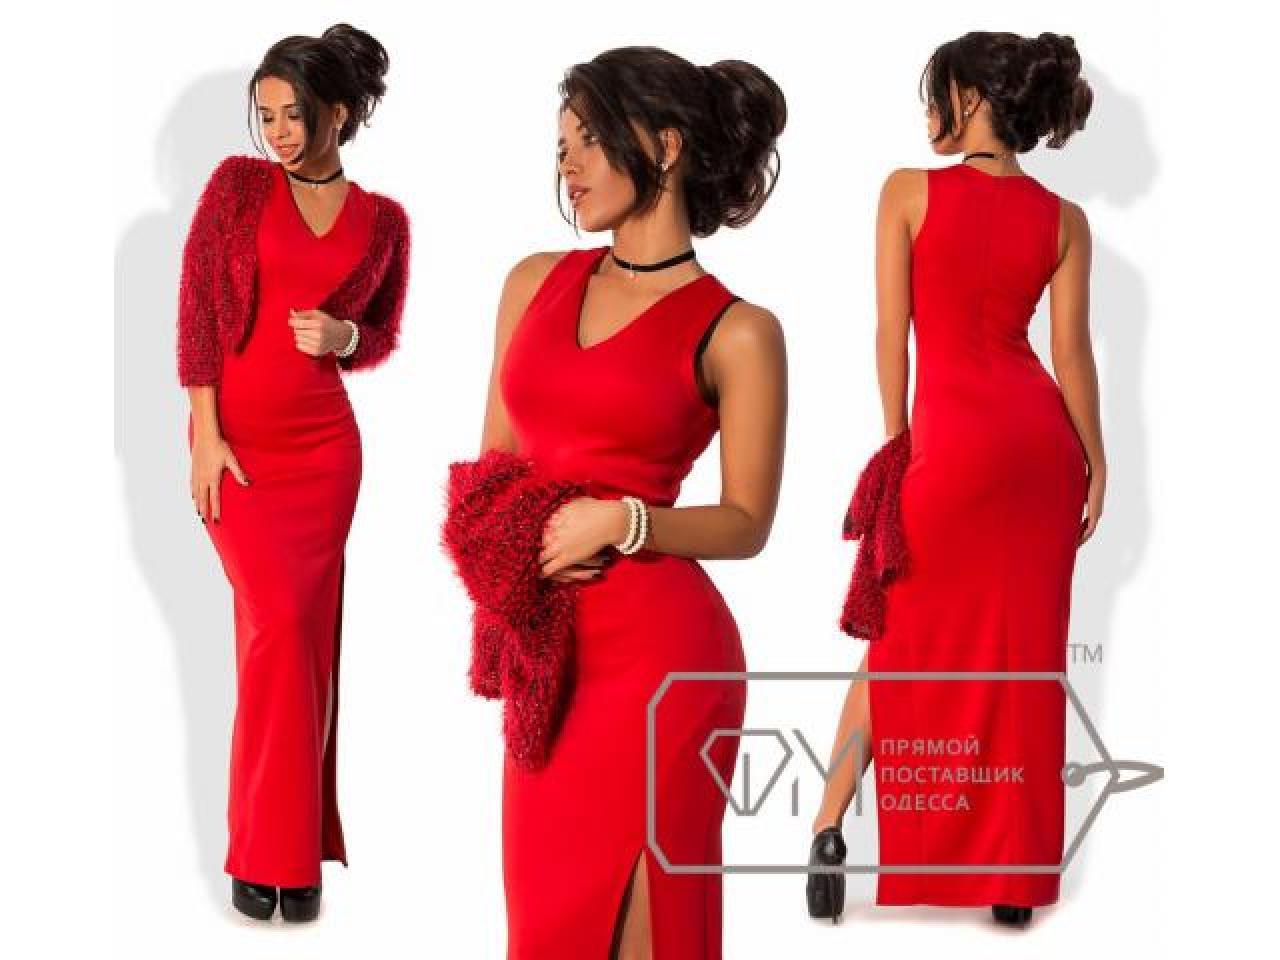 Праздничные нарядные платья с доставкой - 8